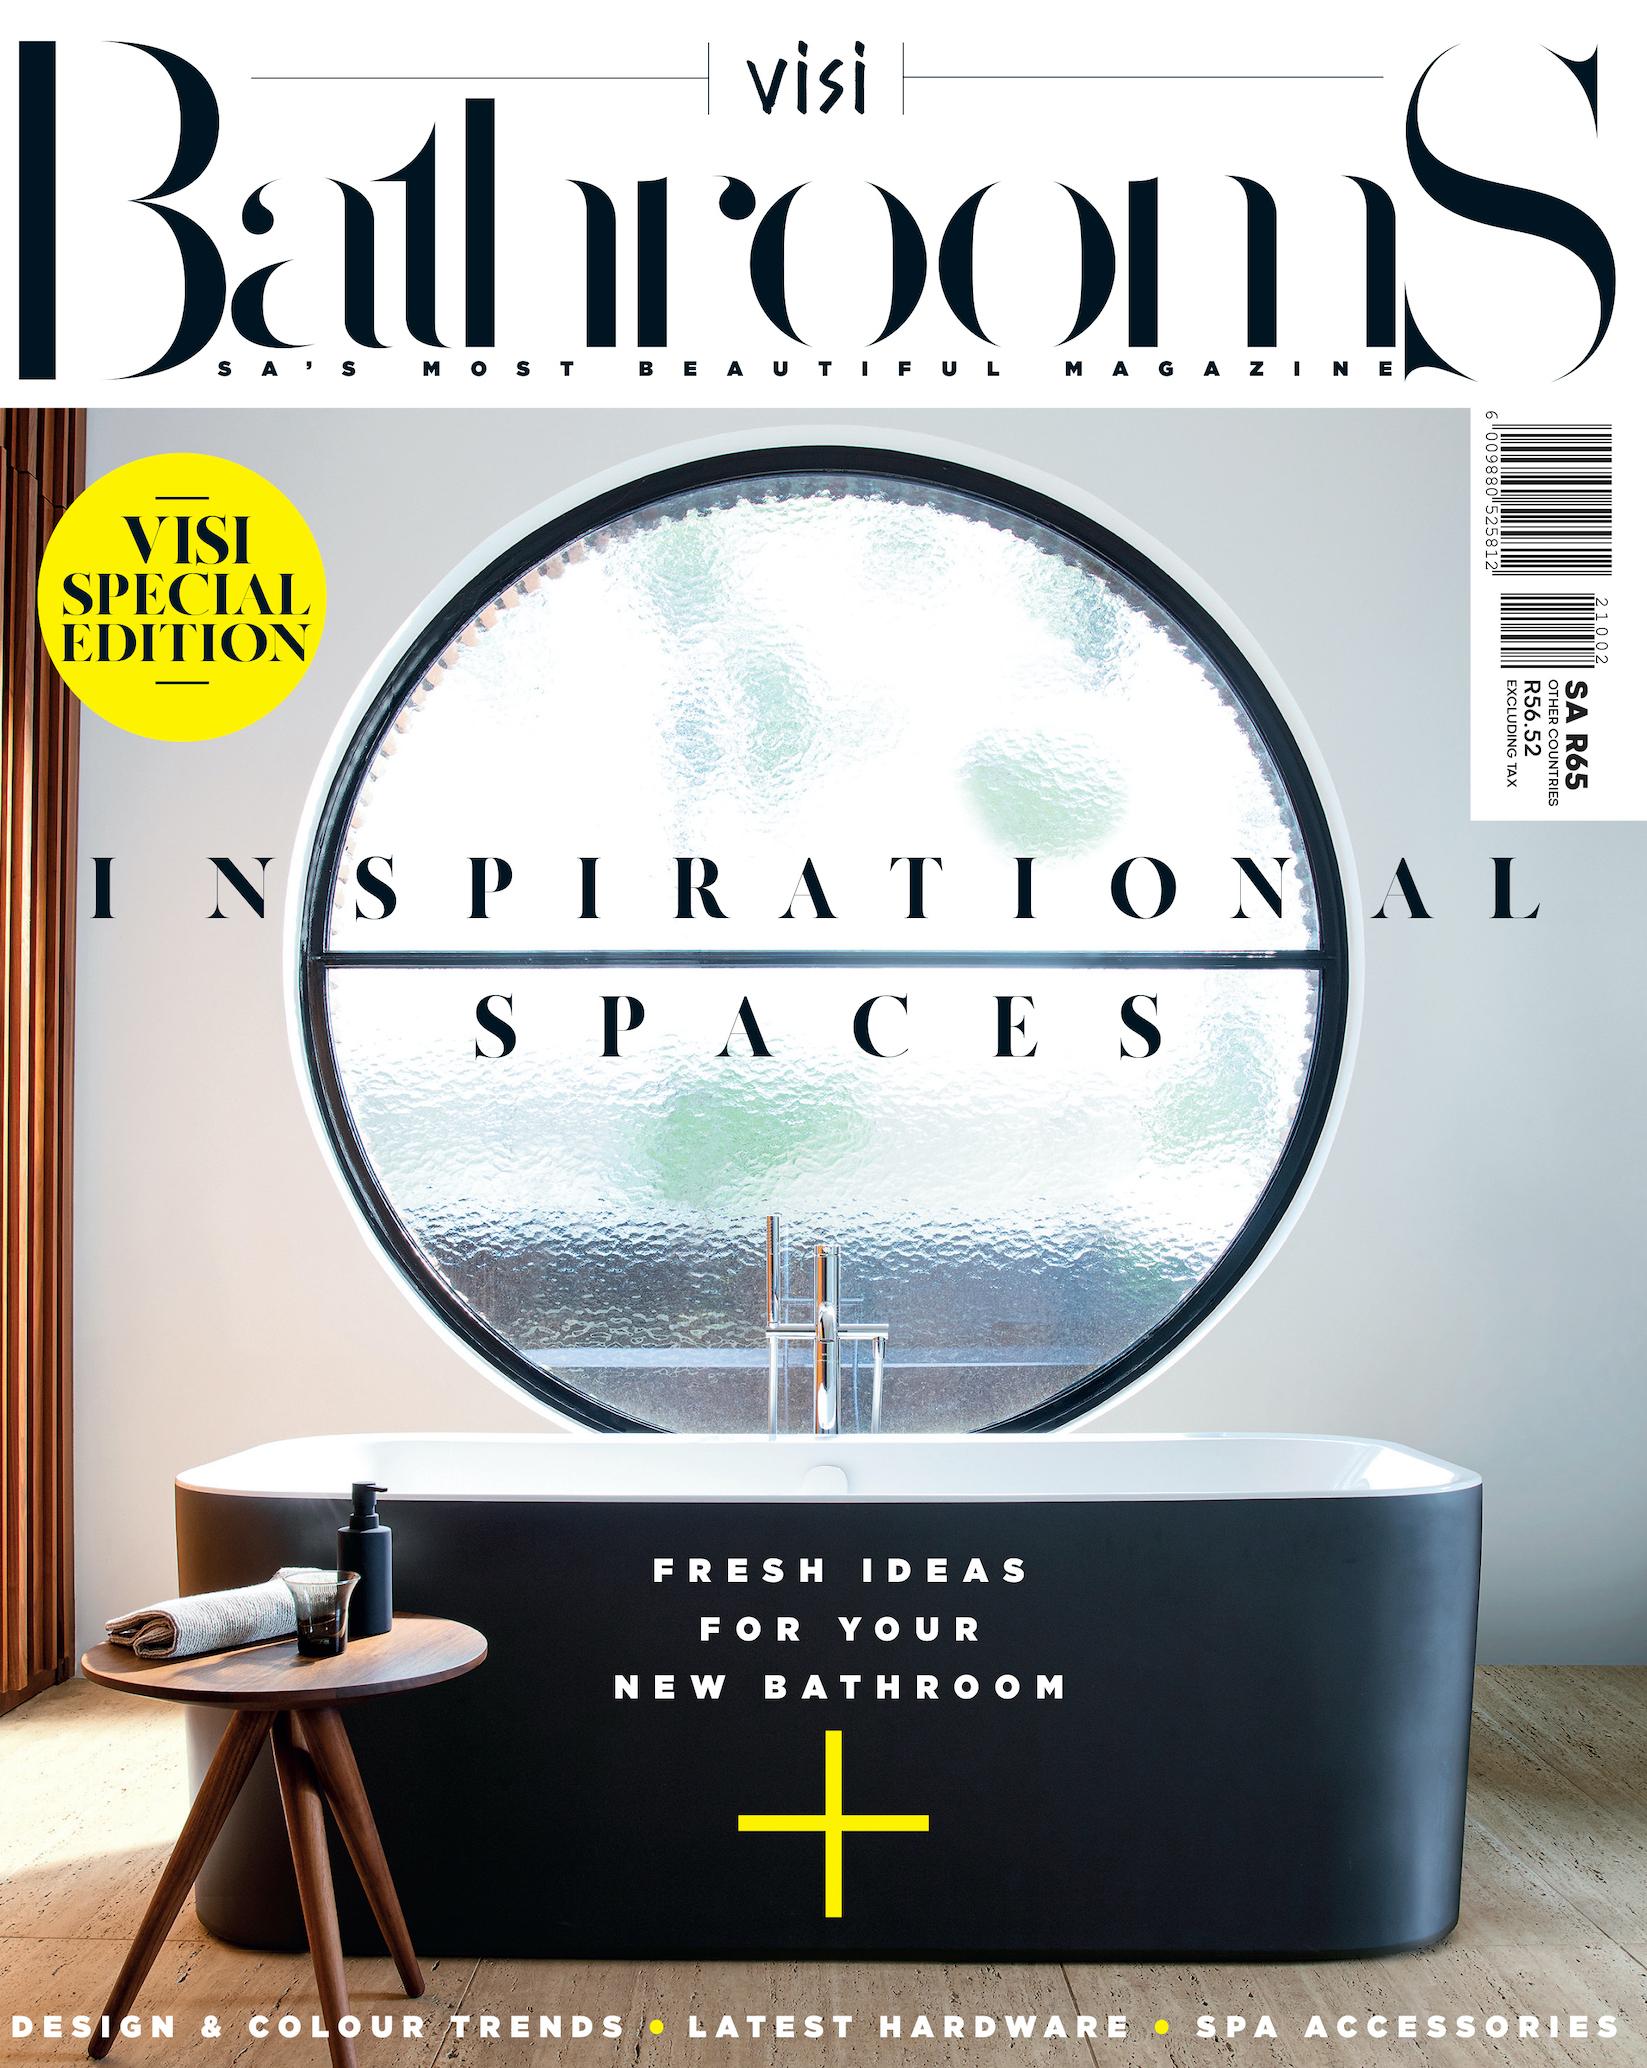 VISI Bathrooms